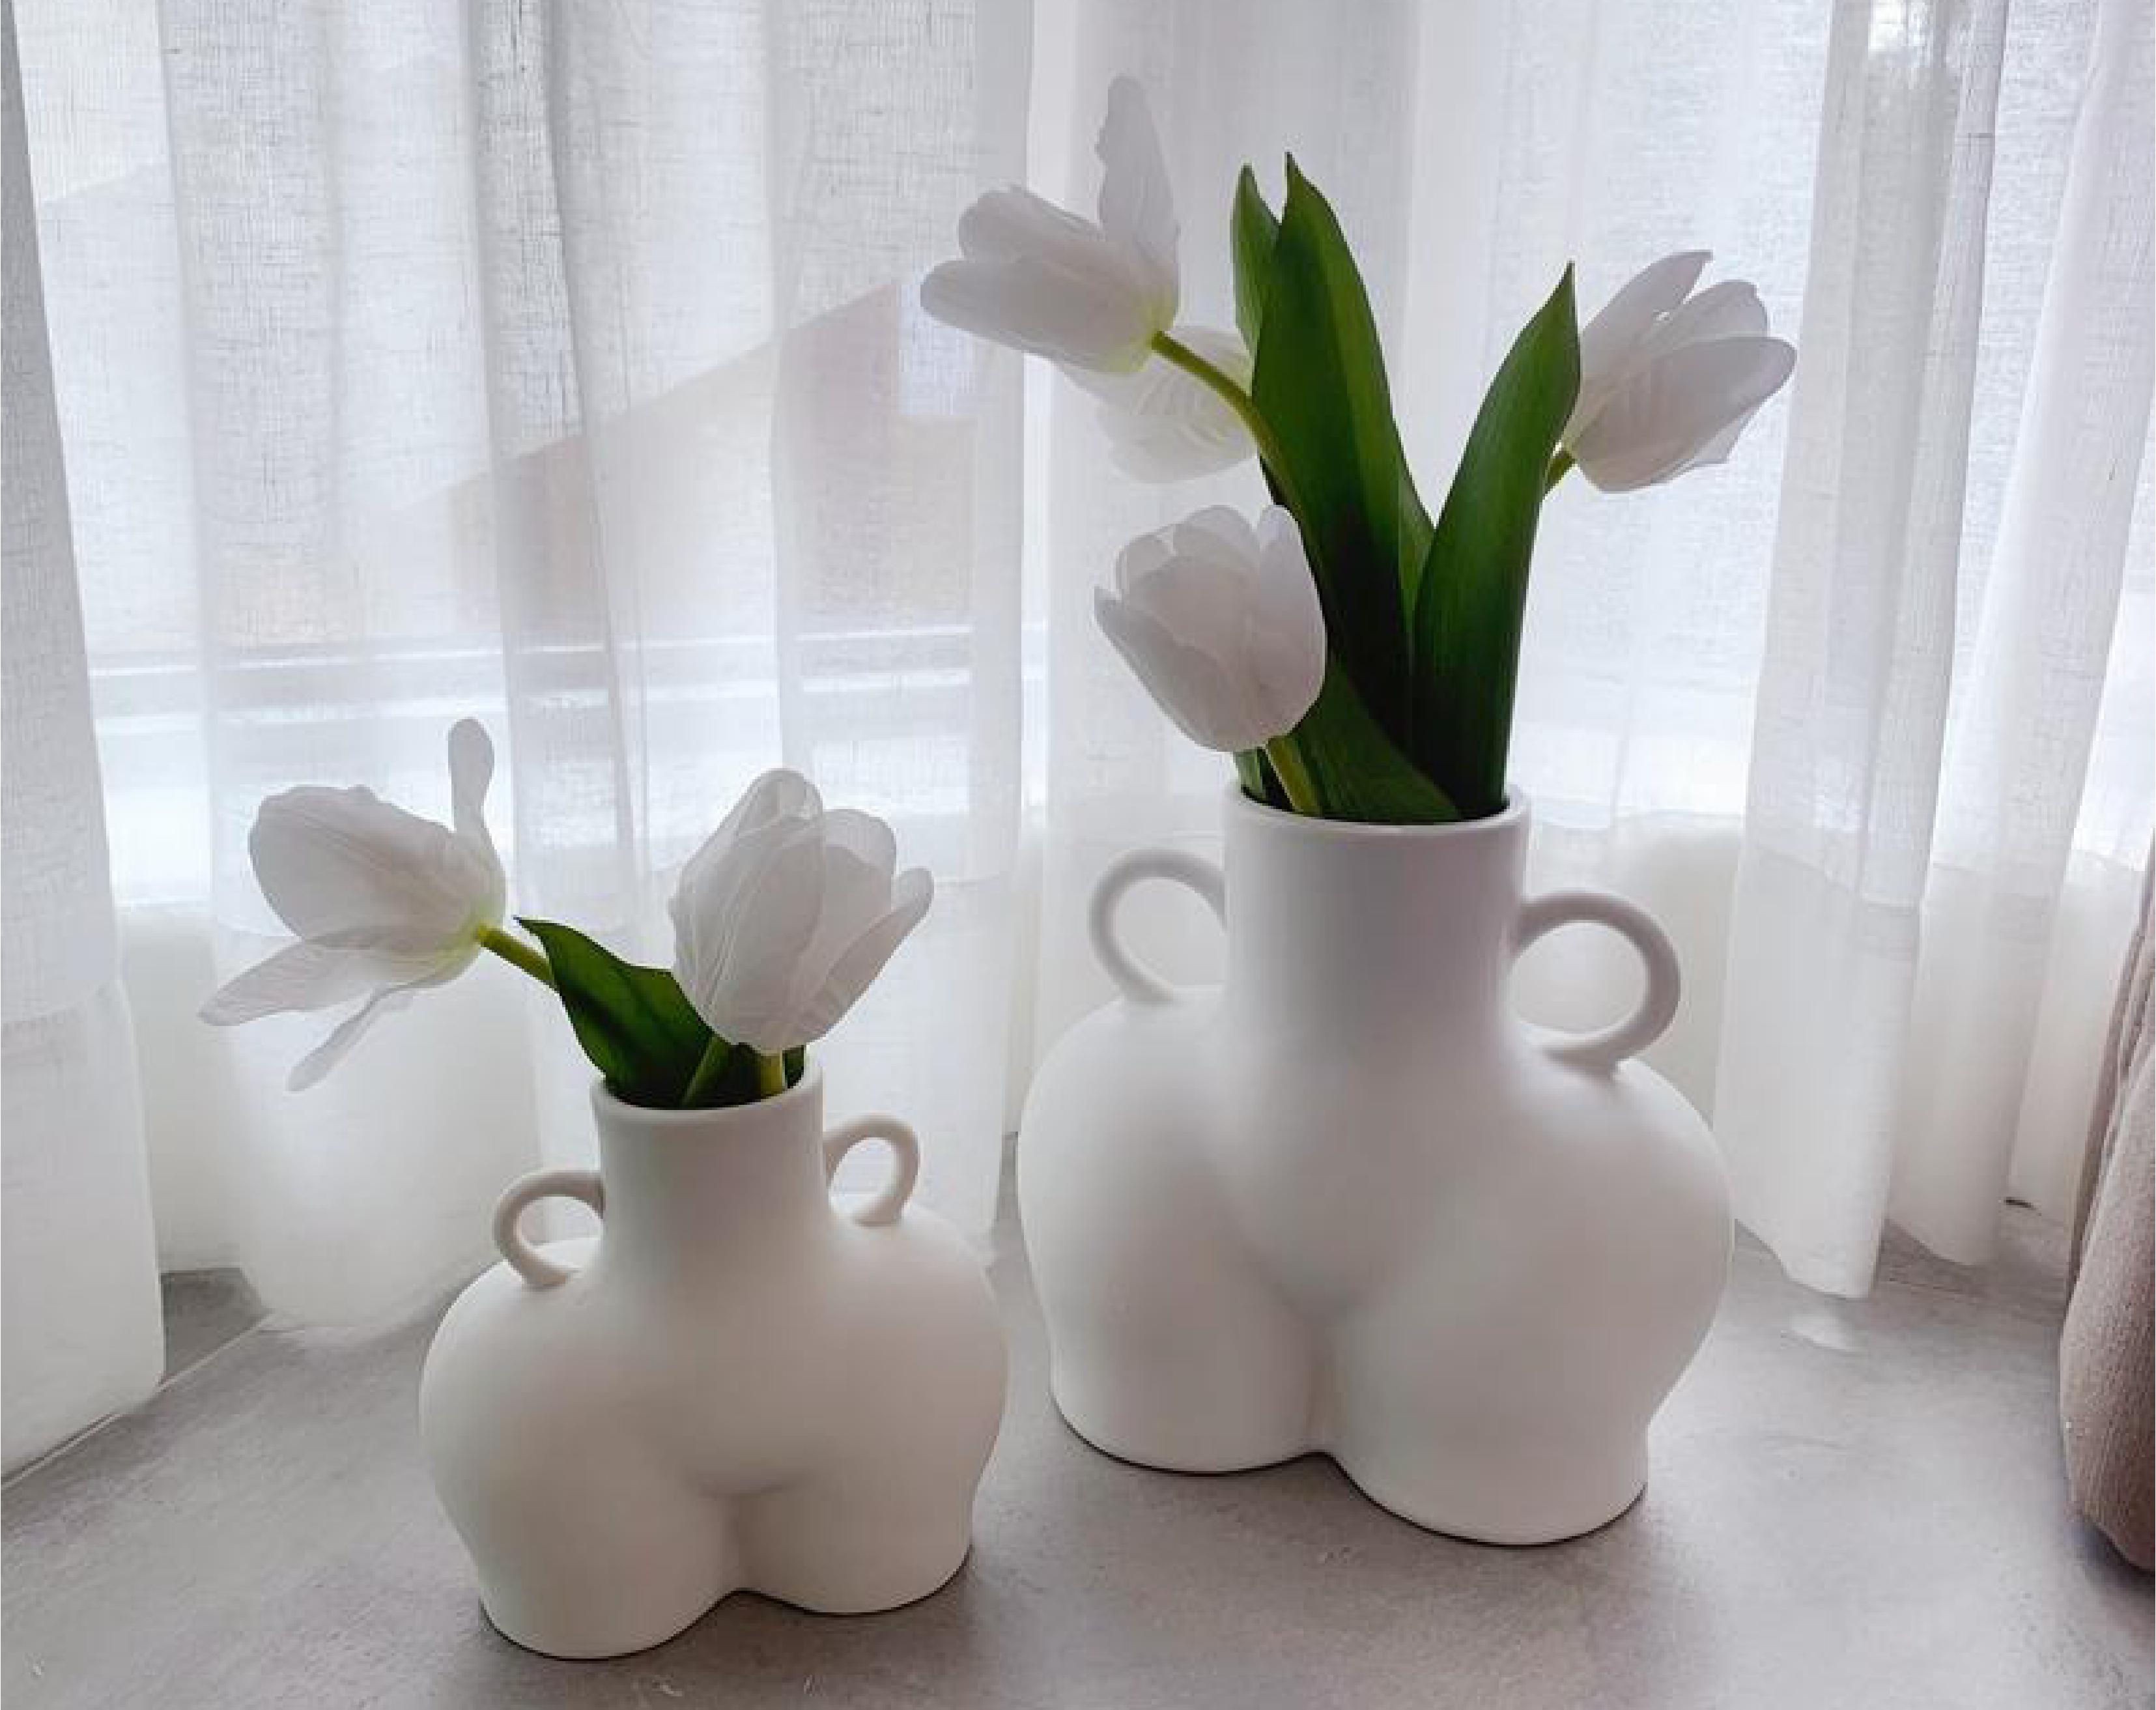 Female figure vases